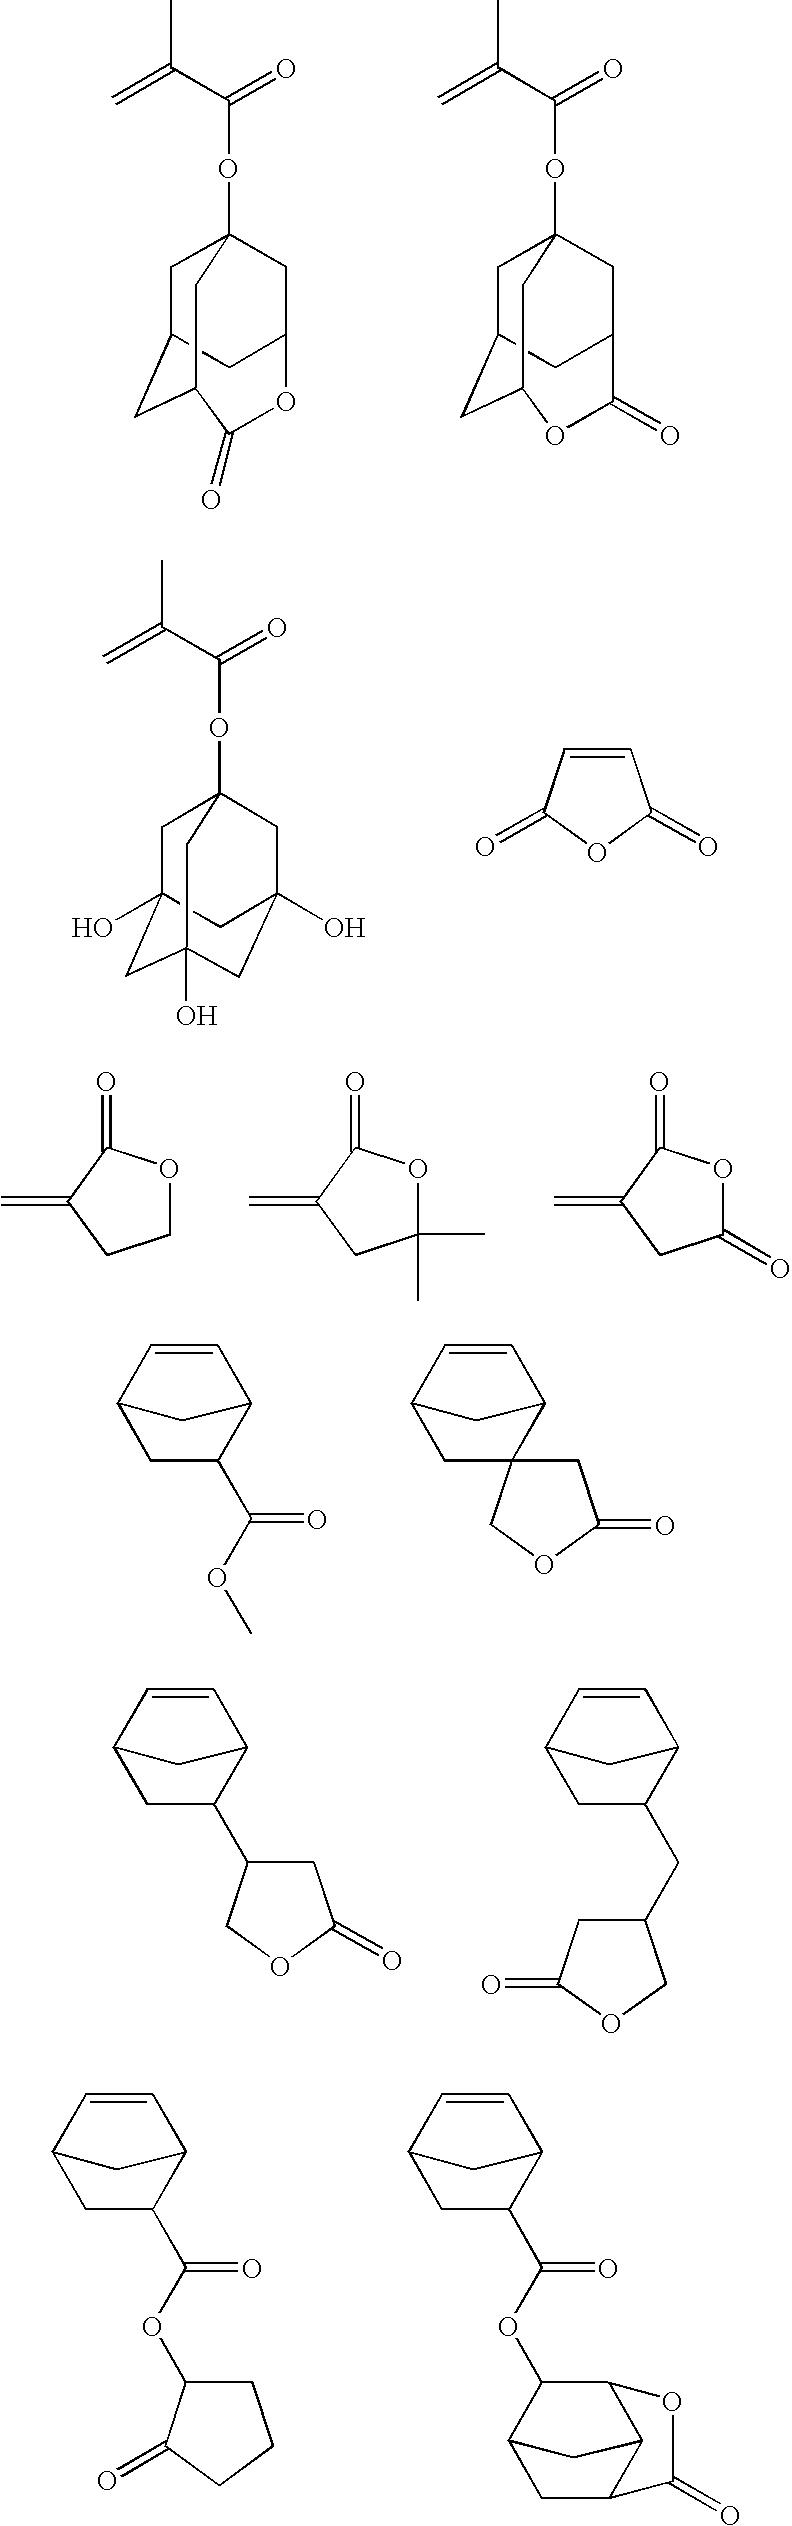 Figure US20100178617A1-20100715-C00034